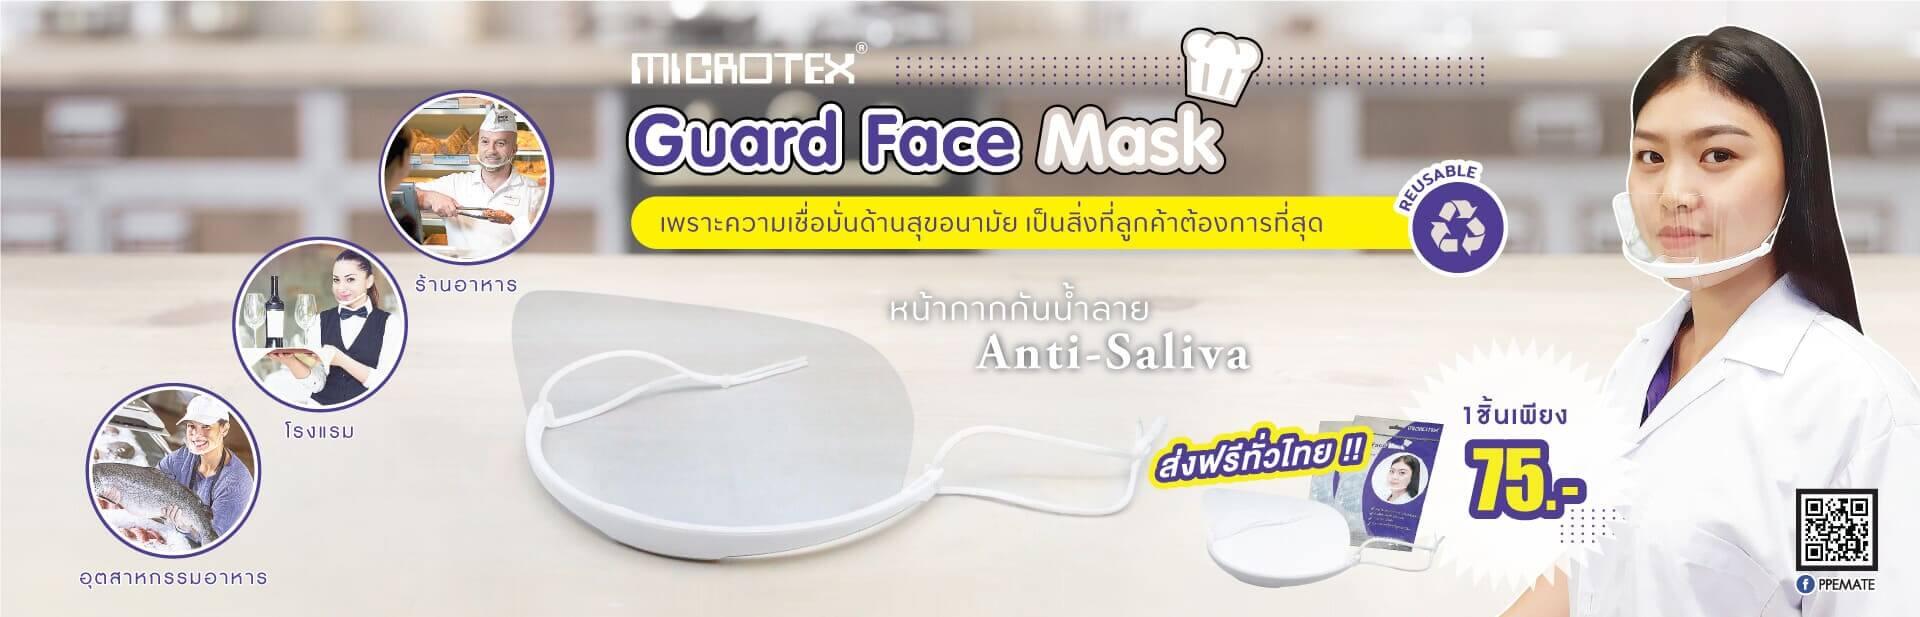 หน้ากากกันน้ำลาย แบบใส MICROTEX®️ Guard Face Mask (บรรจุ 1 ชิ้น)